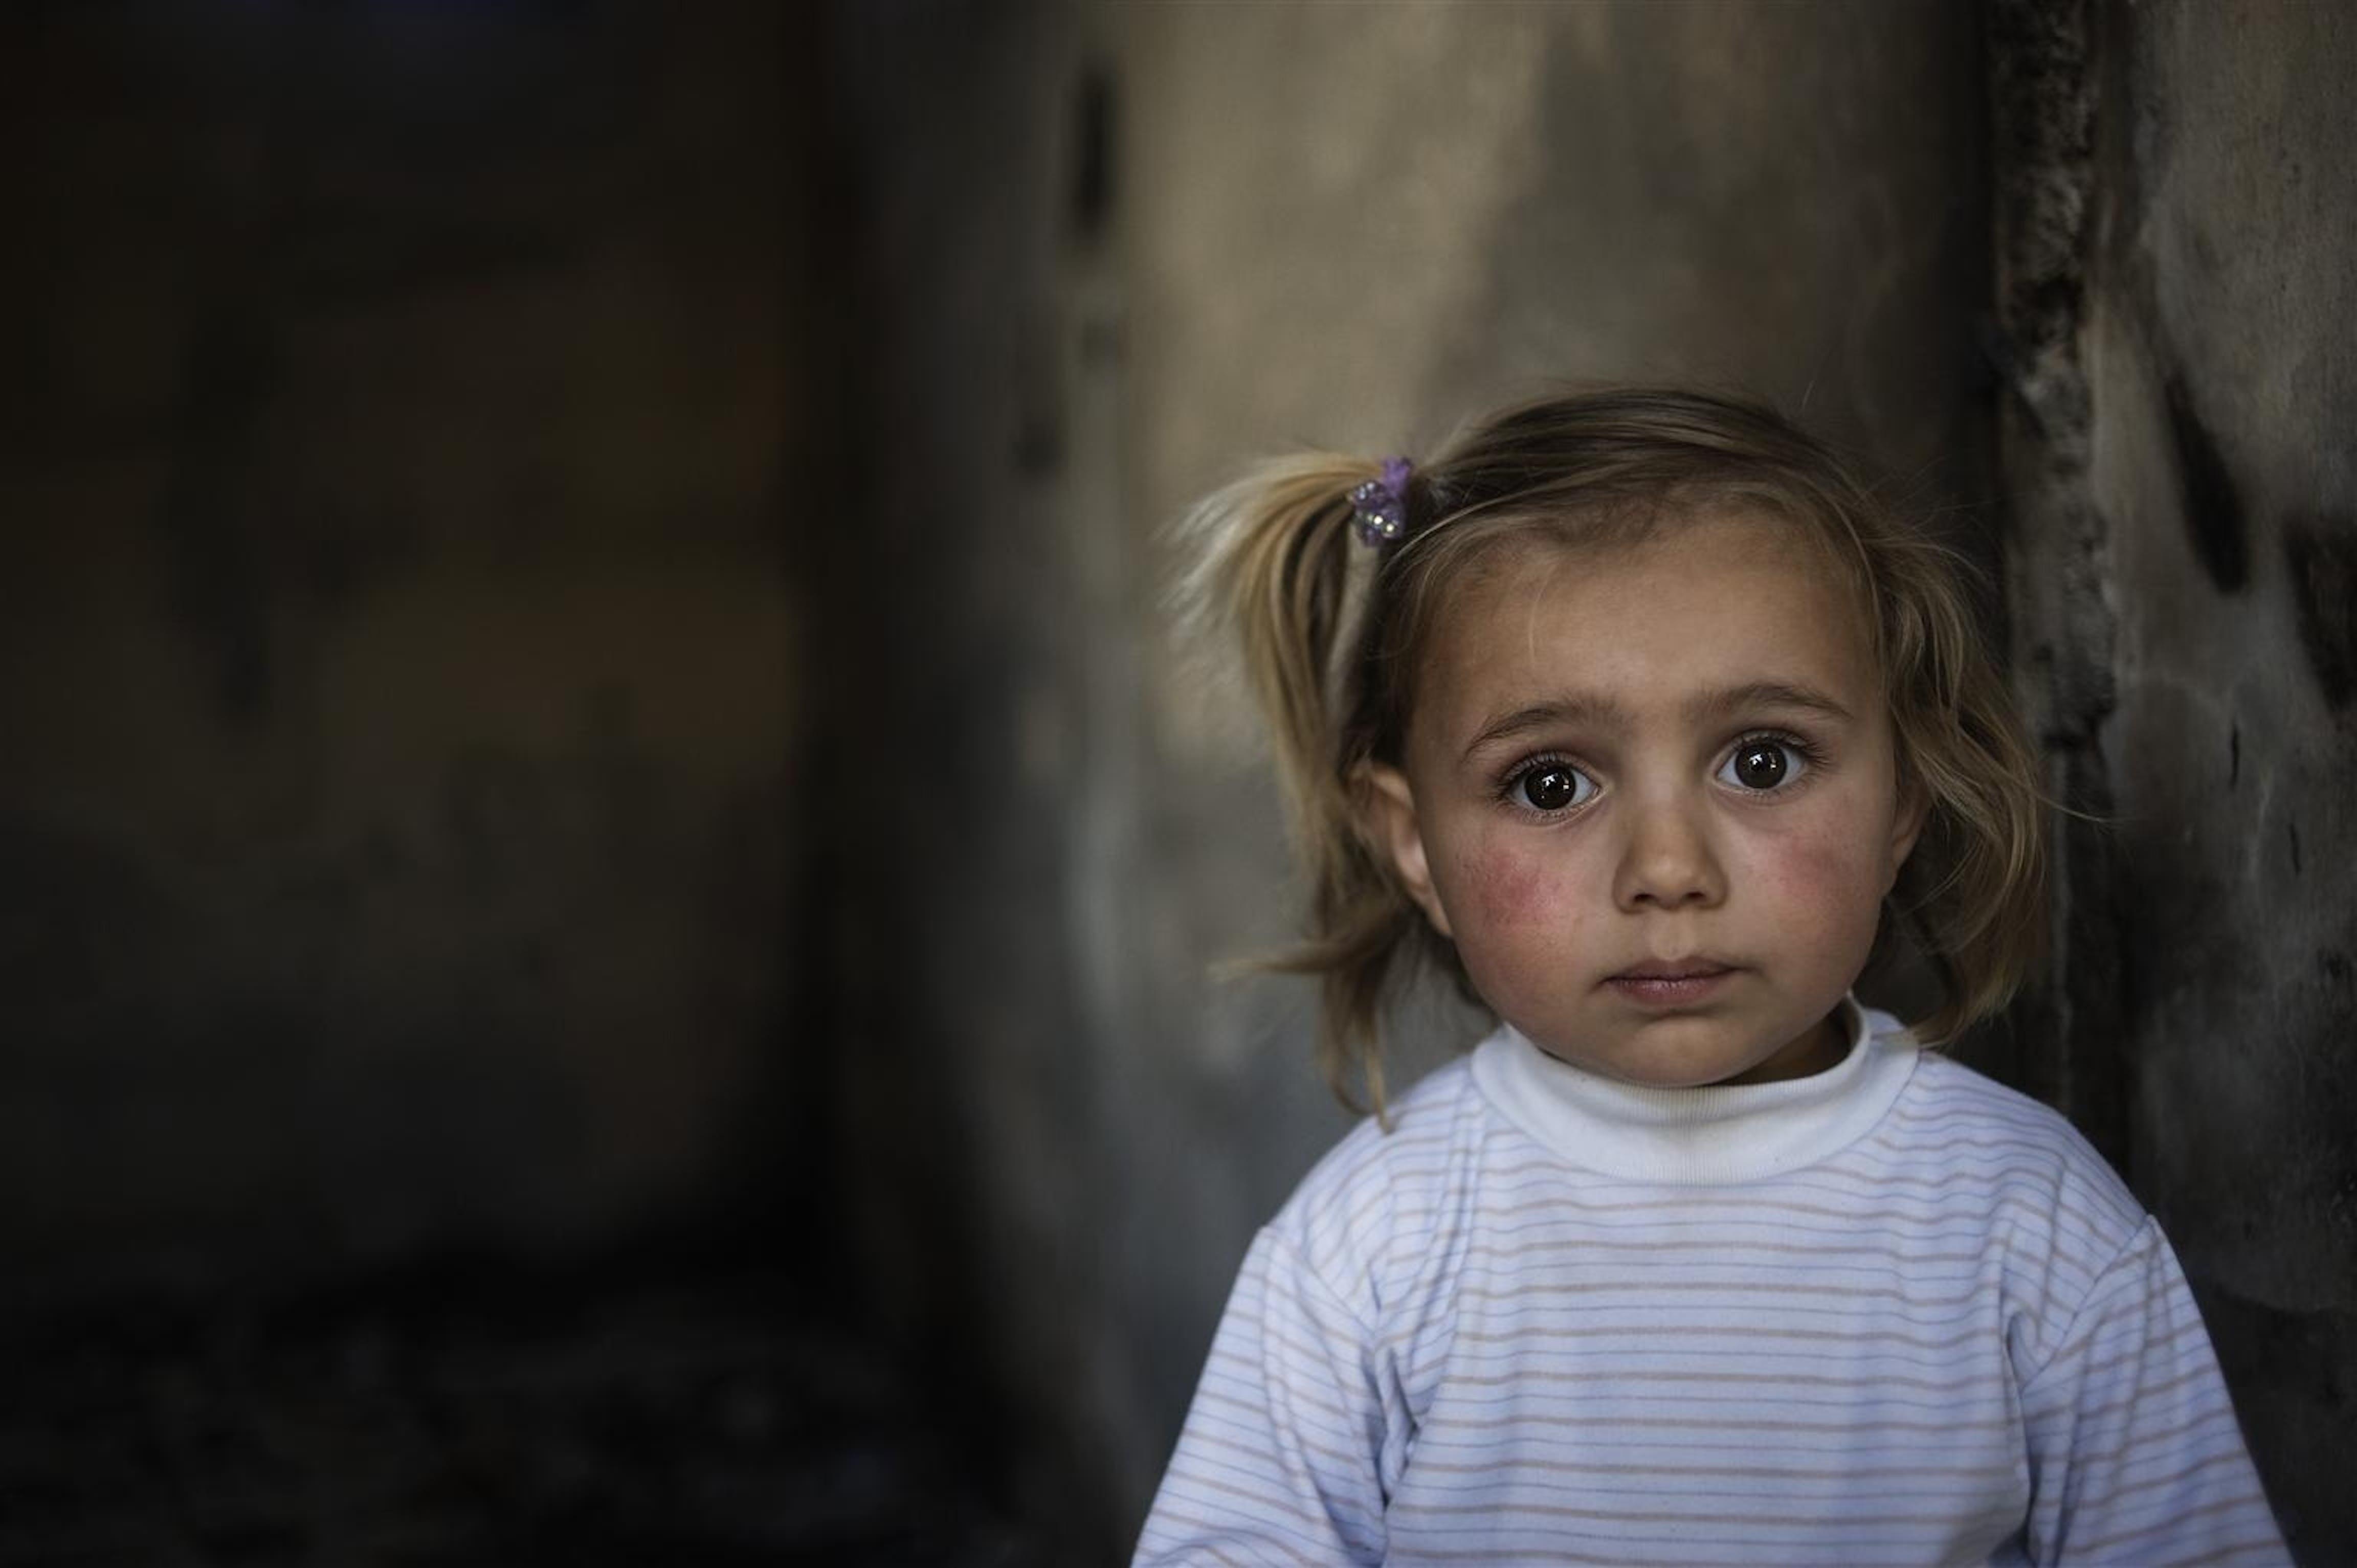 In Siria i bambini sono vittime innocenti della guerra, l'UNICEF è in prima linea per aiutarli ©UNICEF/Romenzi/2012